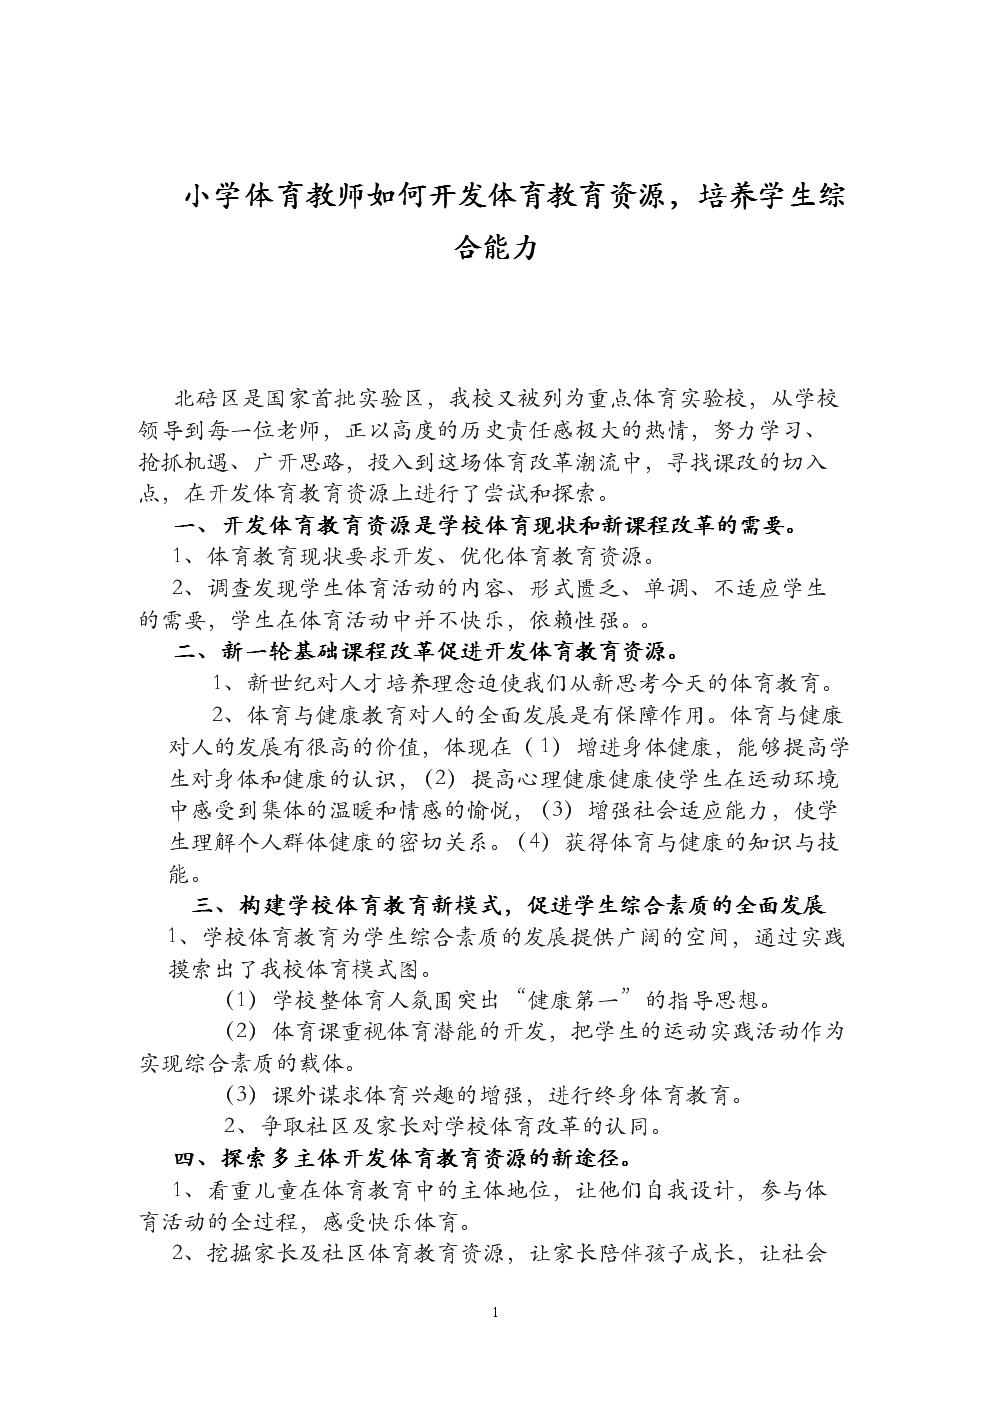 小学体育教师如何开发体育教育资源,培养学生综合能力.doc